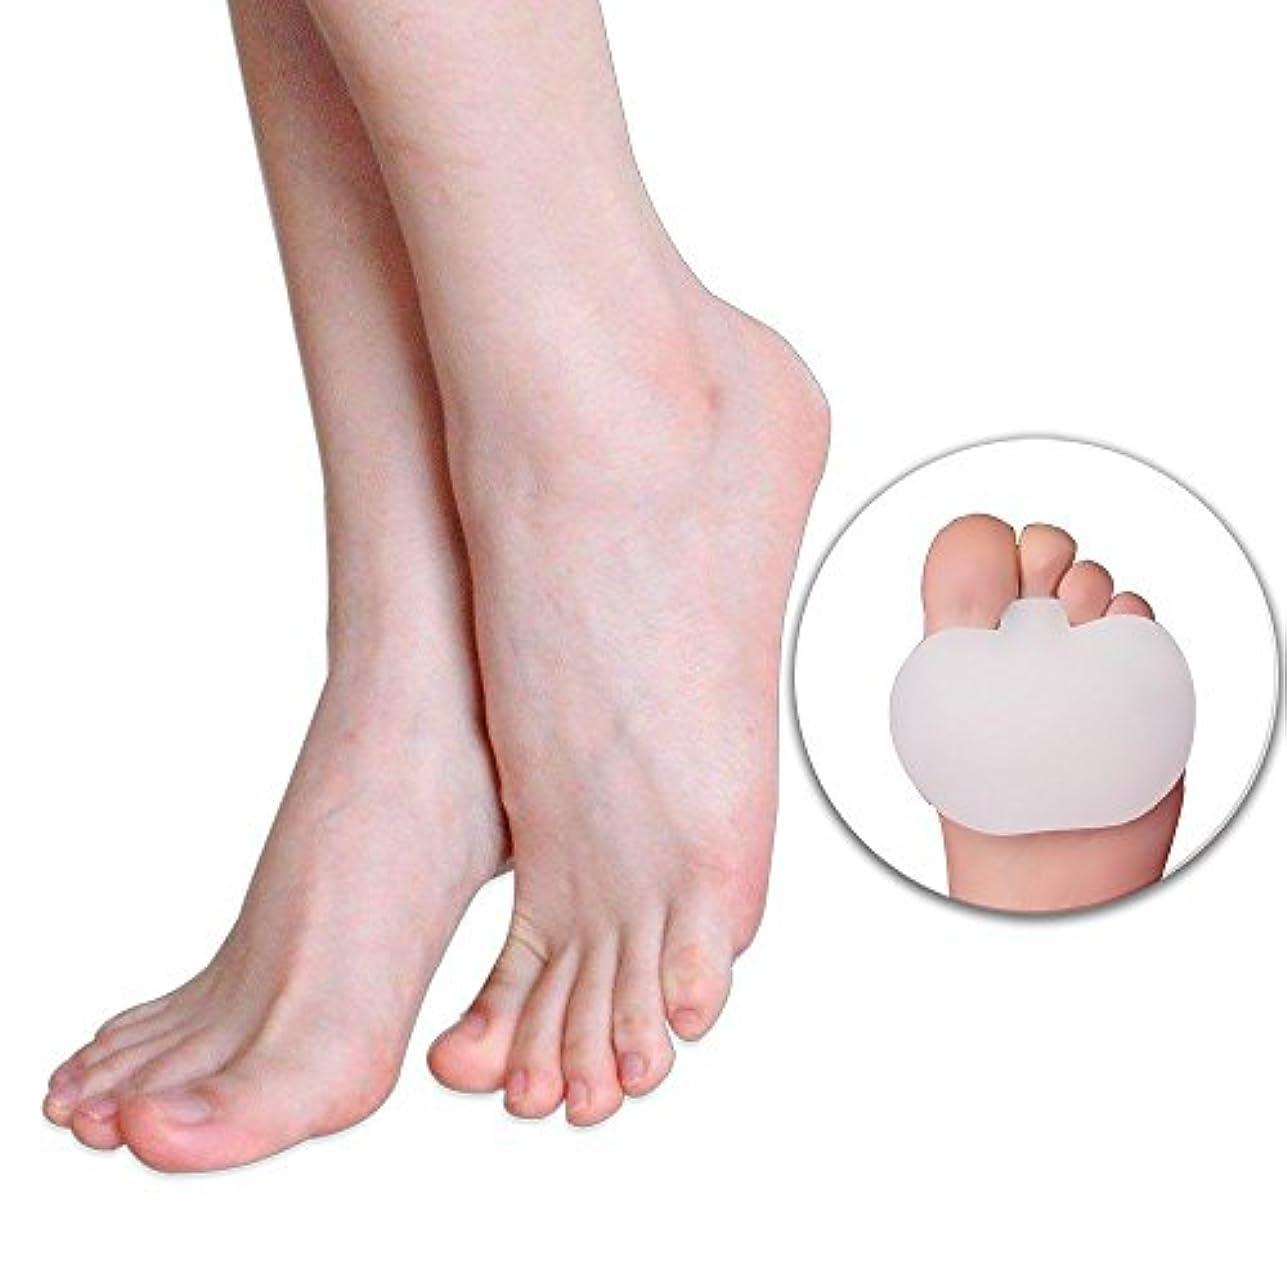 賛美歌キャンバス無駄フットマッサージ 前足パット足のケア、ゲルソックス、つま先、シリコン、外反母趾矯正、ゲル中足骨パッド、足クッションのボール、前足のケア、痛みの足の痛み、外反、外反母趾